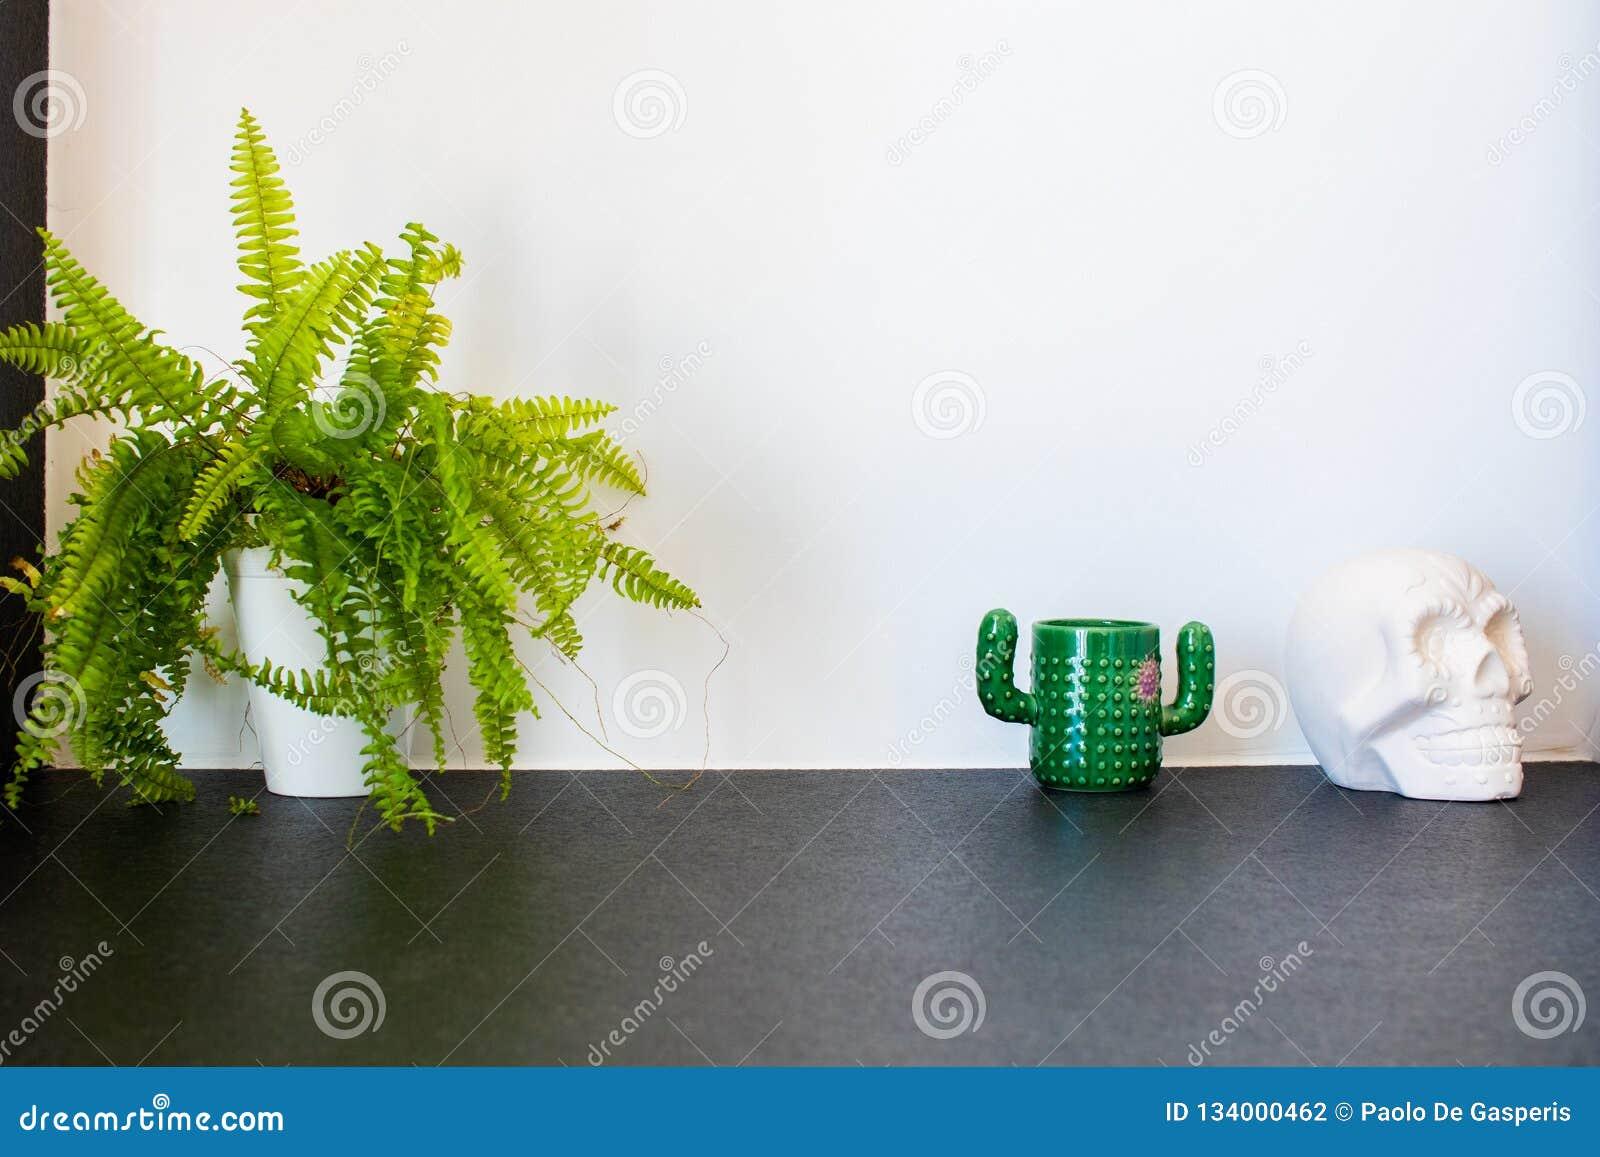 Planta del helecho, taza cactus-formada y cráneo mexicano blanco en yeso